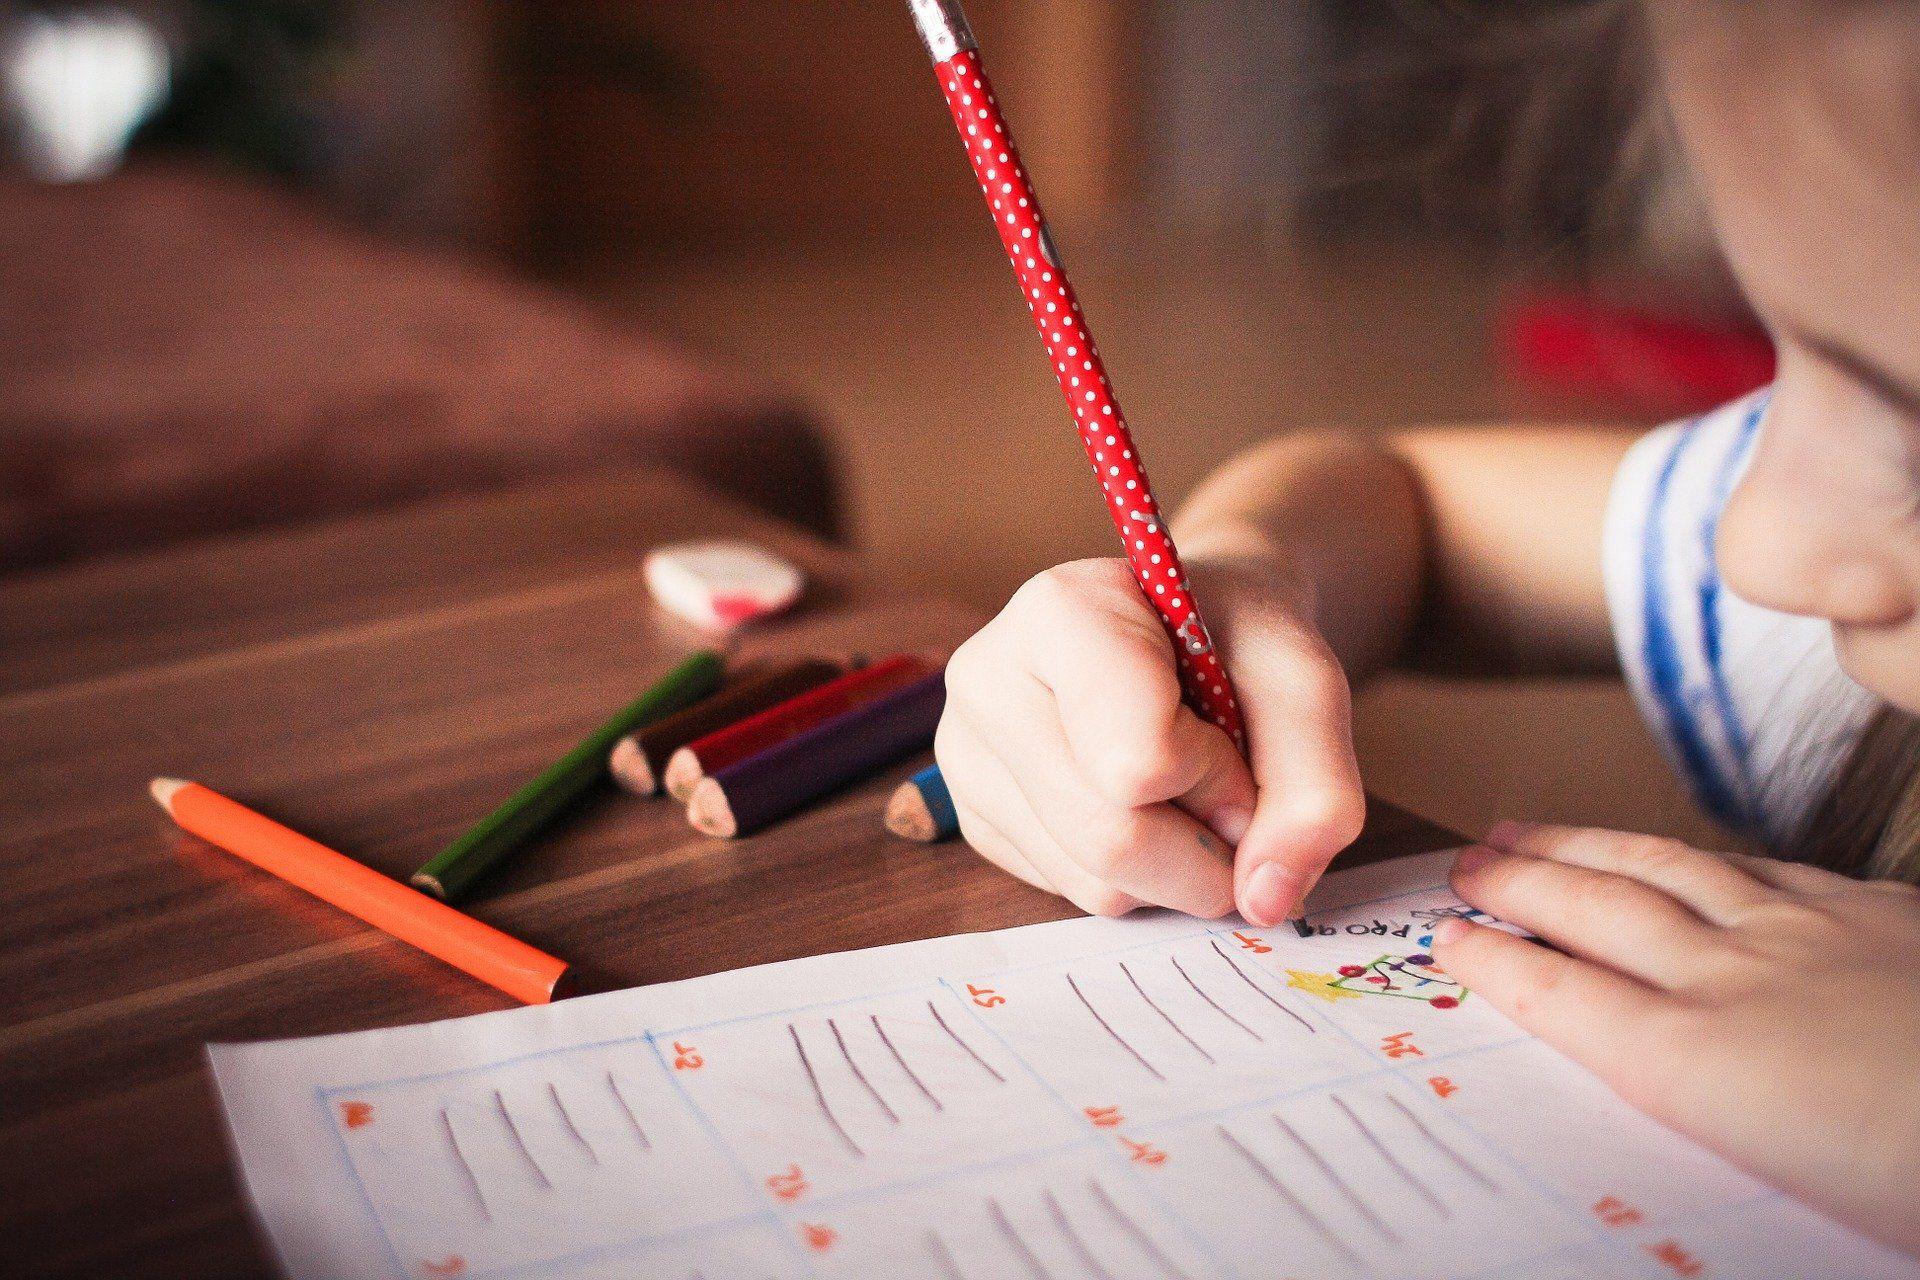 Ein Kind schreibt etwas auf ein Blatt Papier.